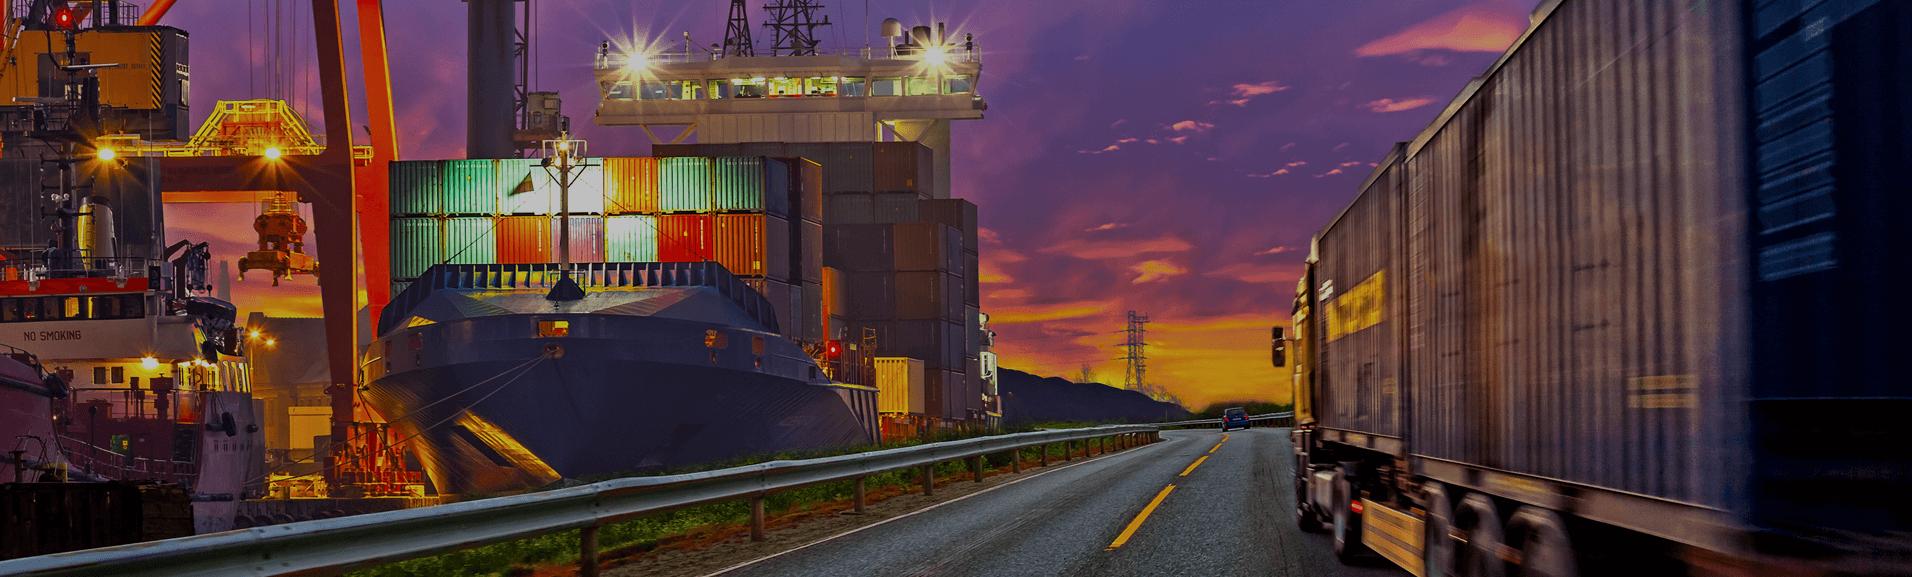 Obrigatório ao transportador, seguro garantecaixado embarcador